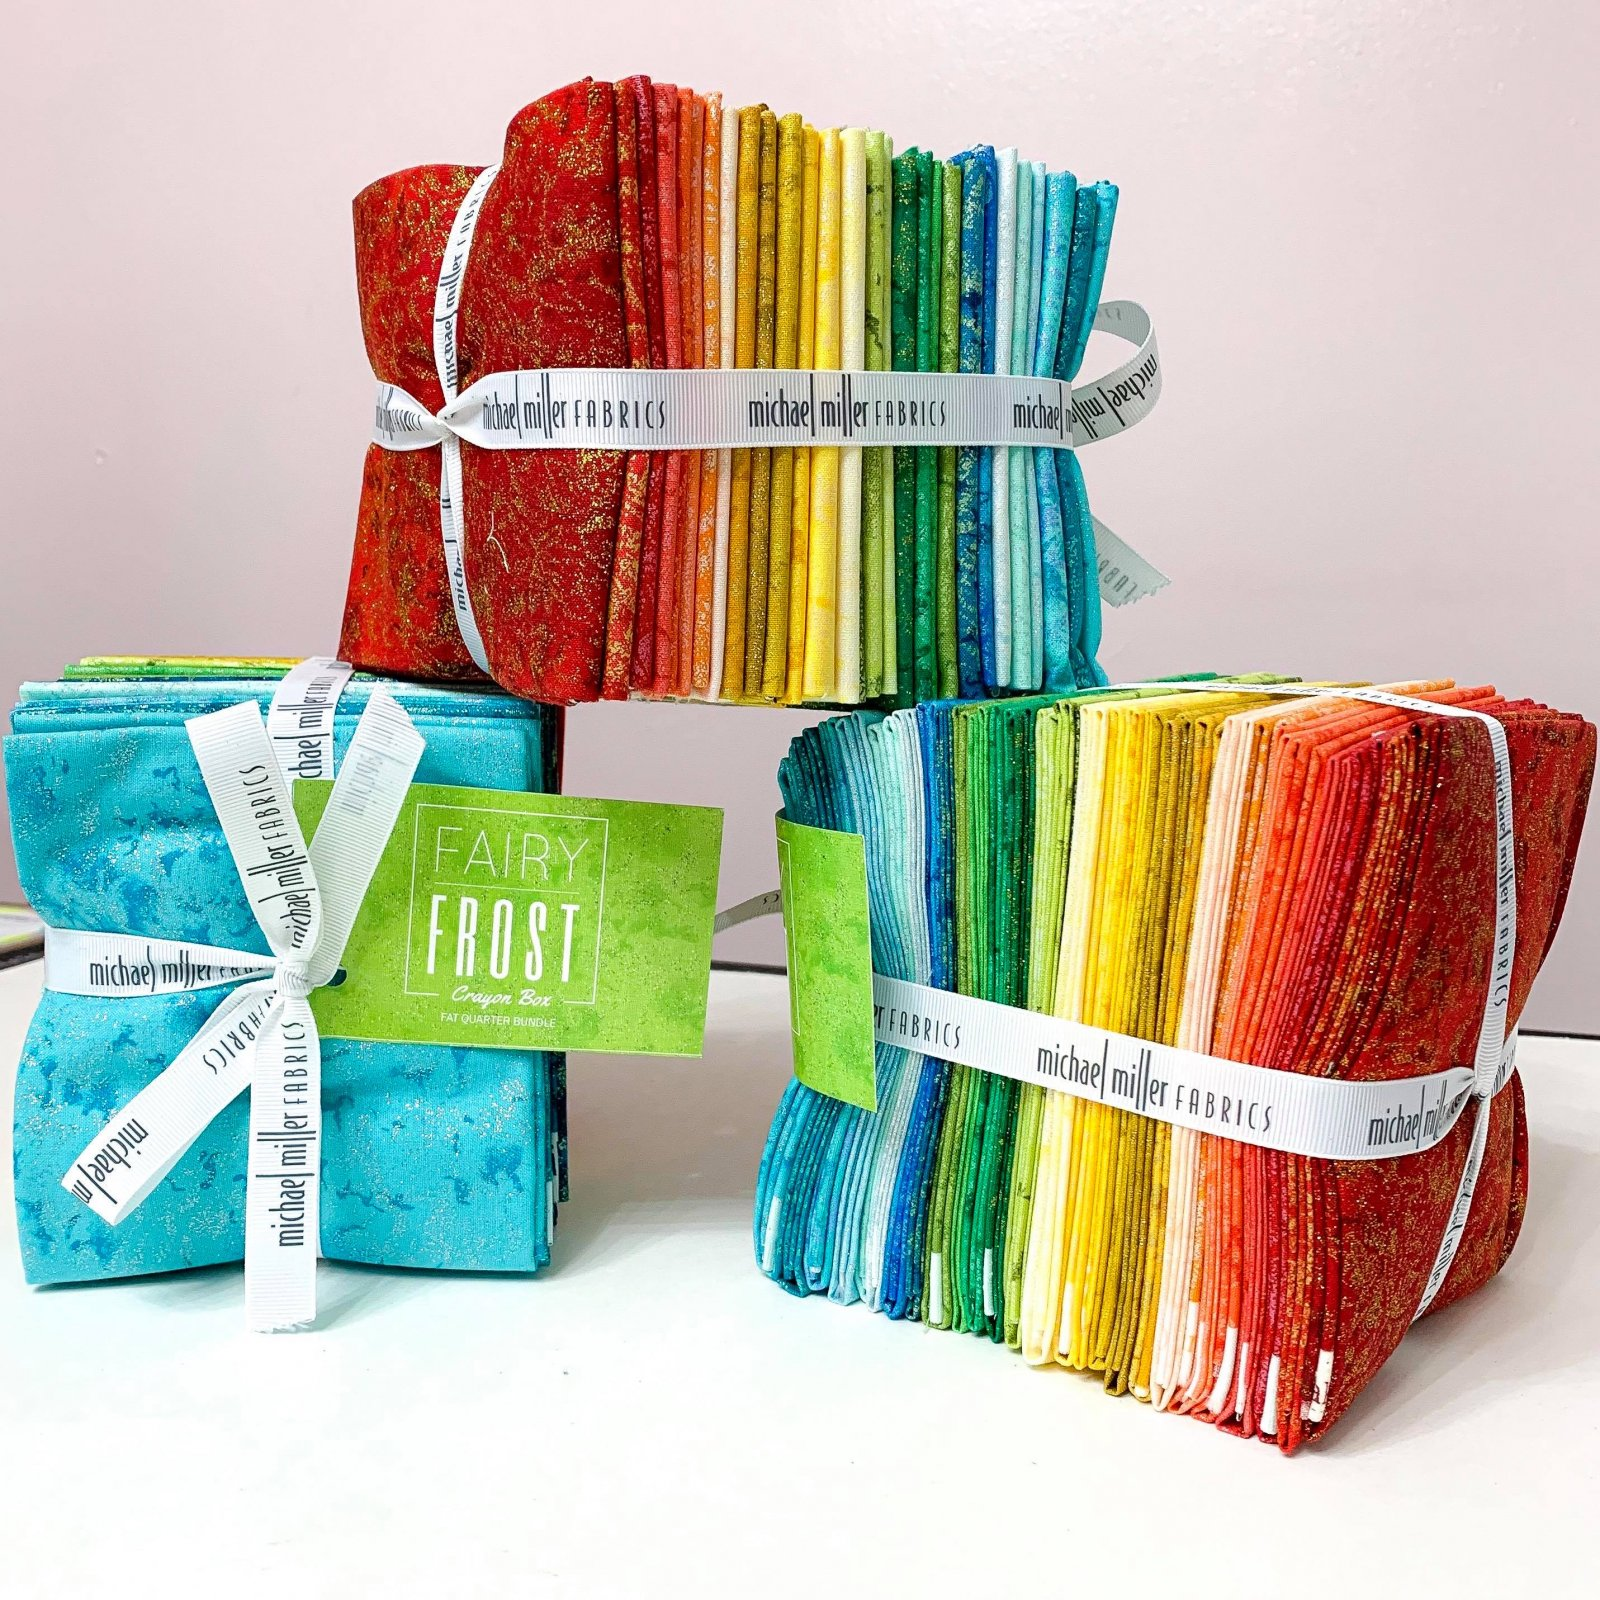 Fairy Frost: Crayon Box Fat Quarter Bundle - 29 Pcs